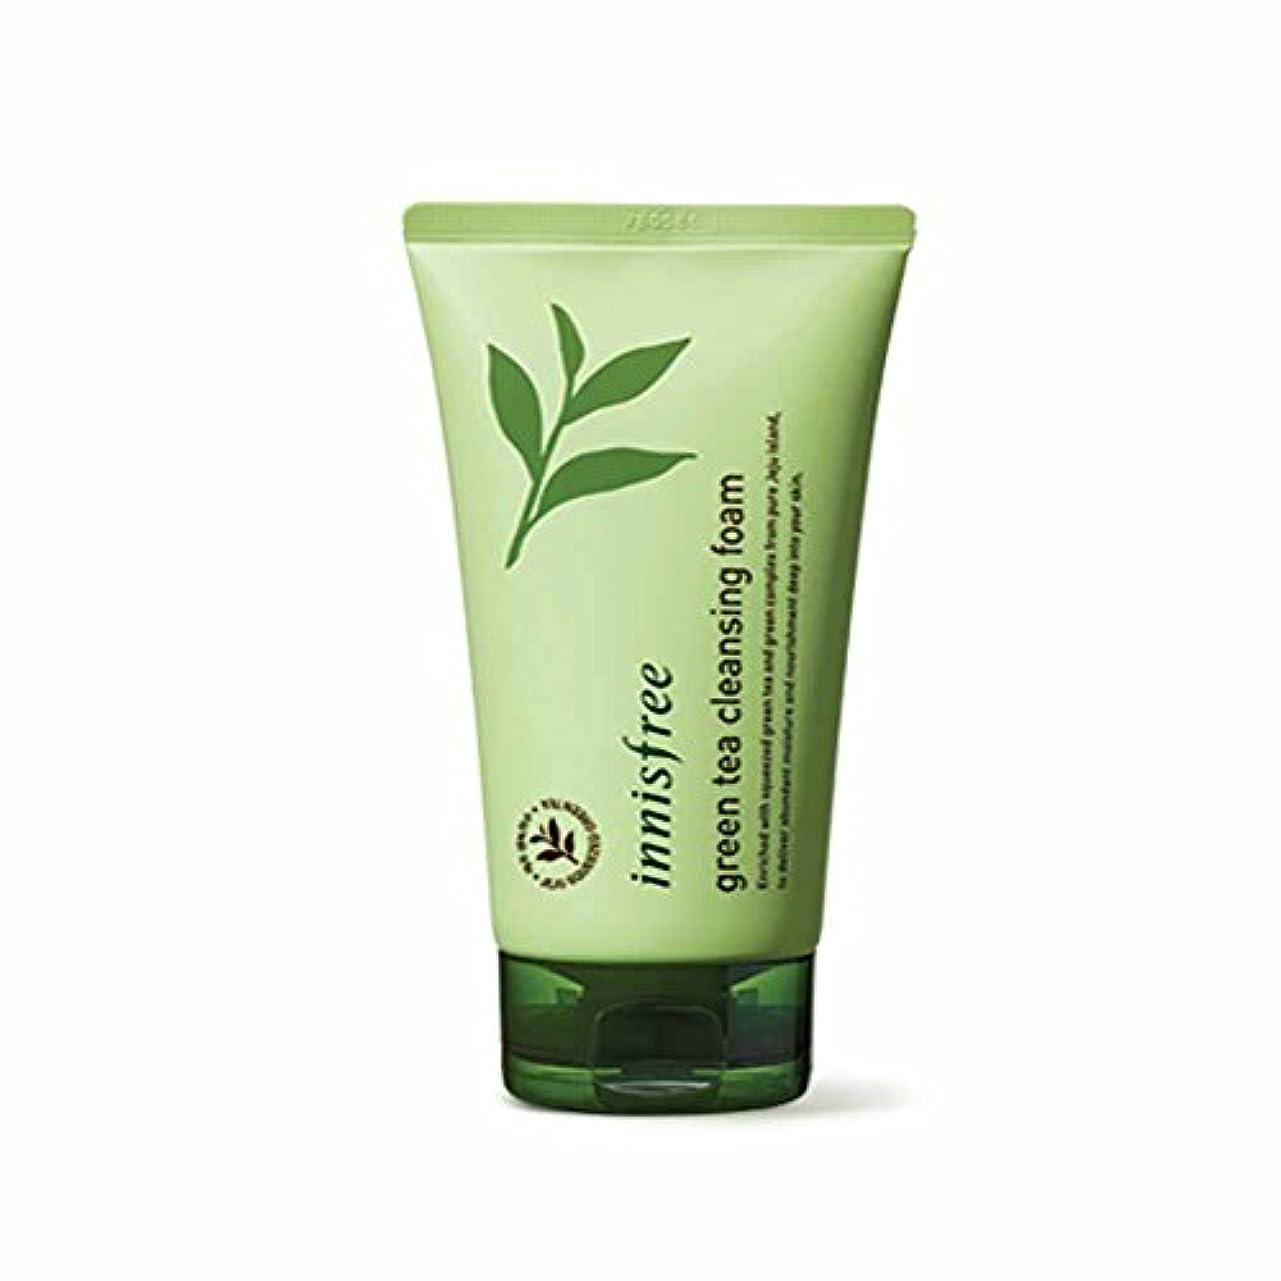 イニスフリーグリーンティークレンジングフォーム150ml Innisfree Green Tea Cleansing Foam 150ml [海外直送品][並行輸入品]